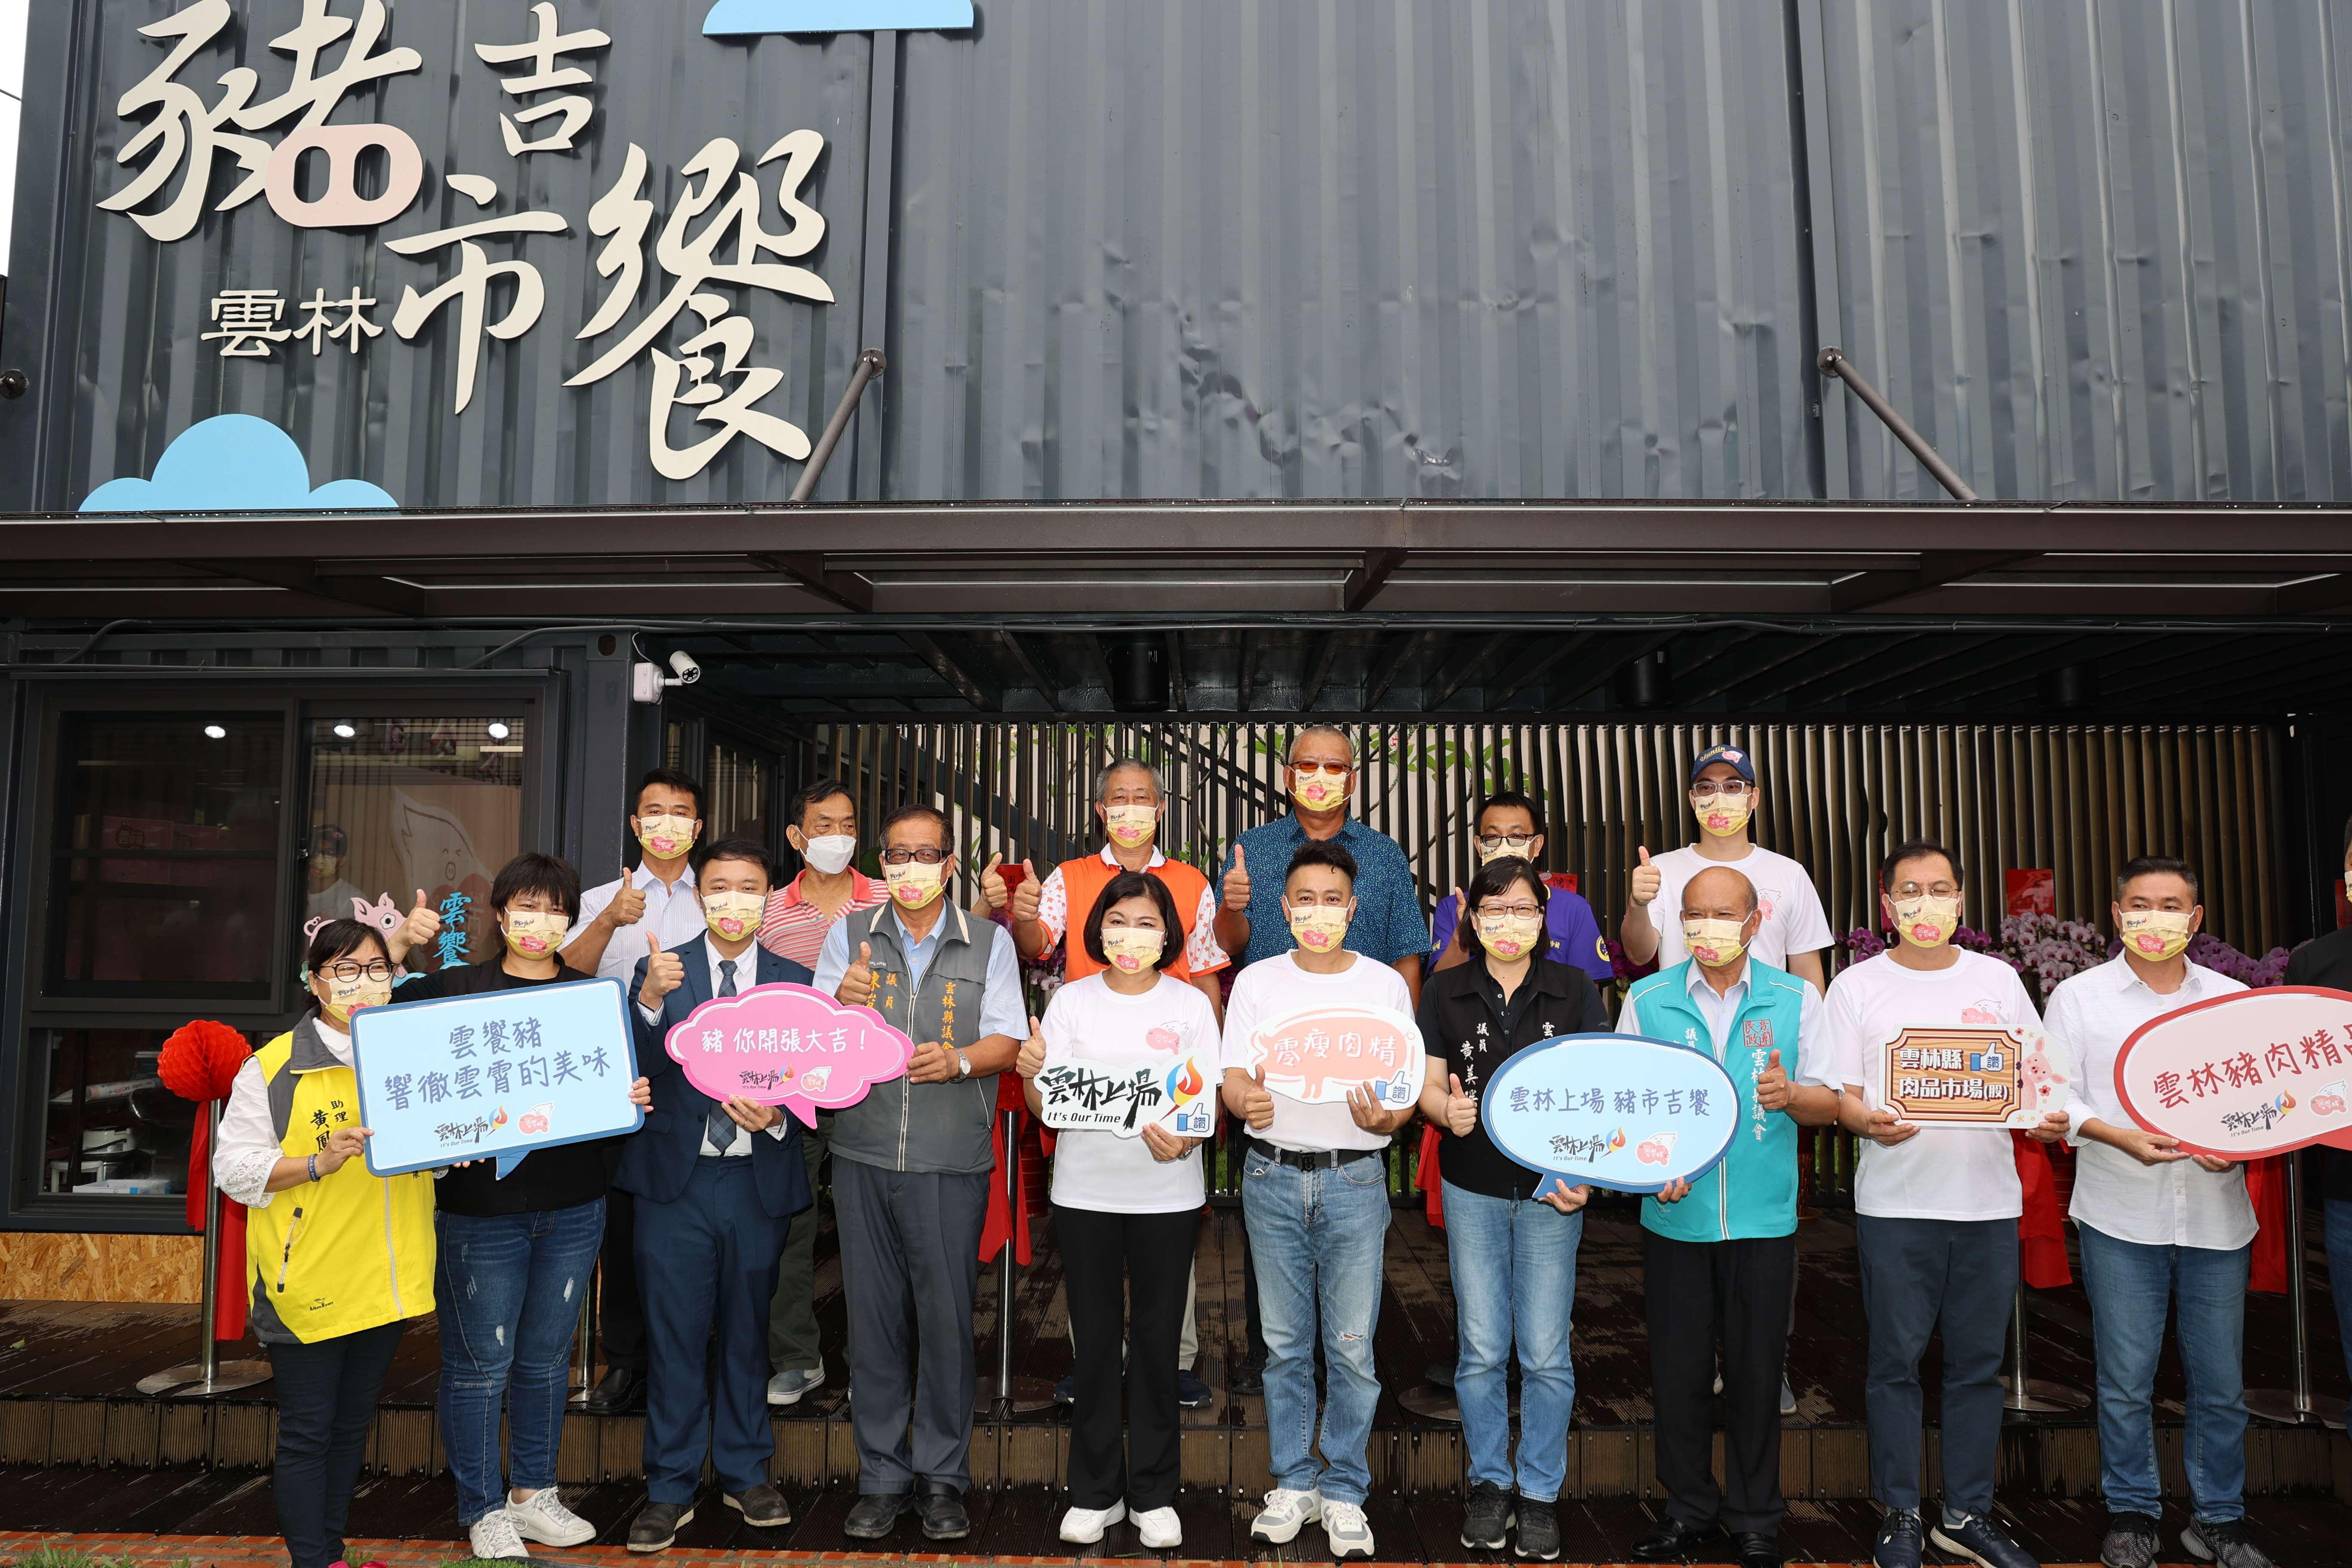 「雲饗豬」-征服蘇東坡舌尖,豬肉界的精品,12日與豬市吉饗-雲饗豬展售教育館啟動營運同步亮相